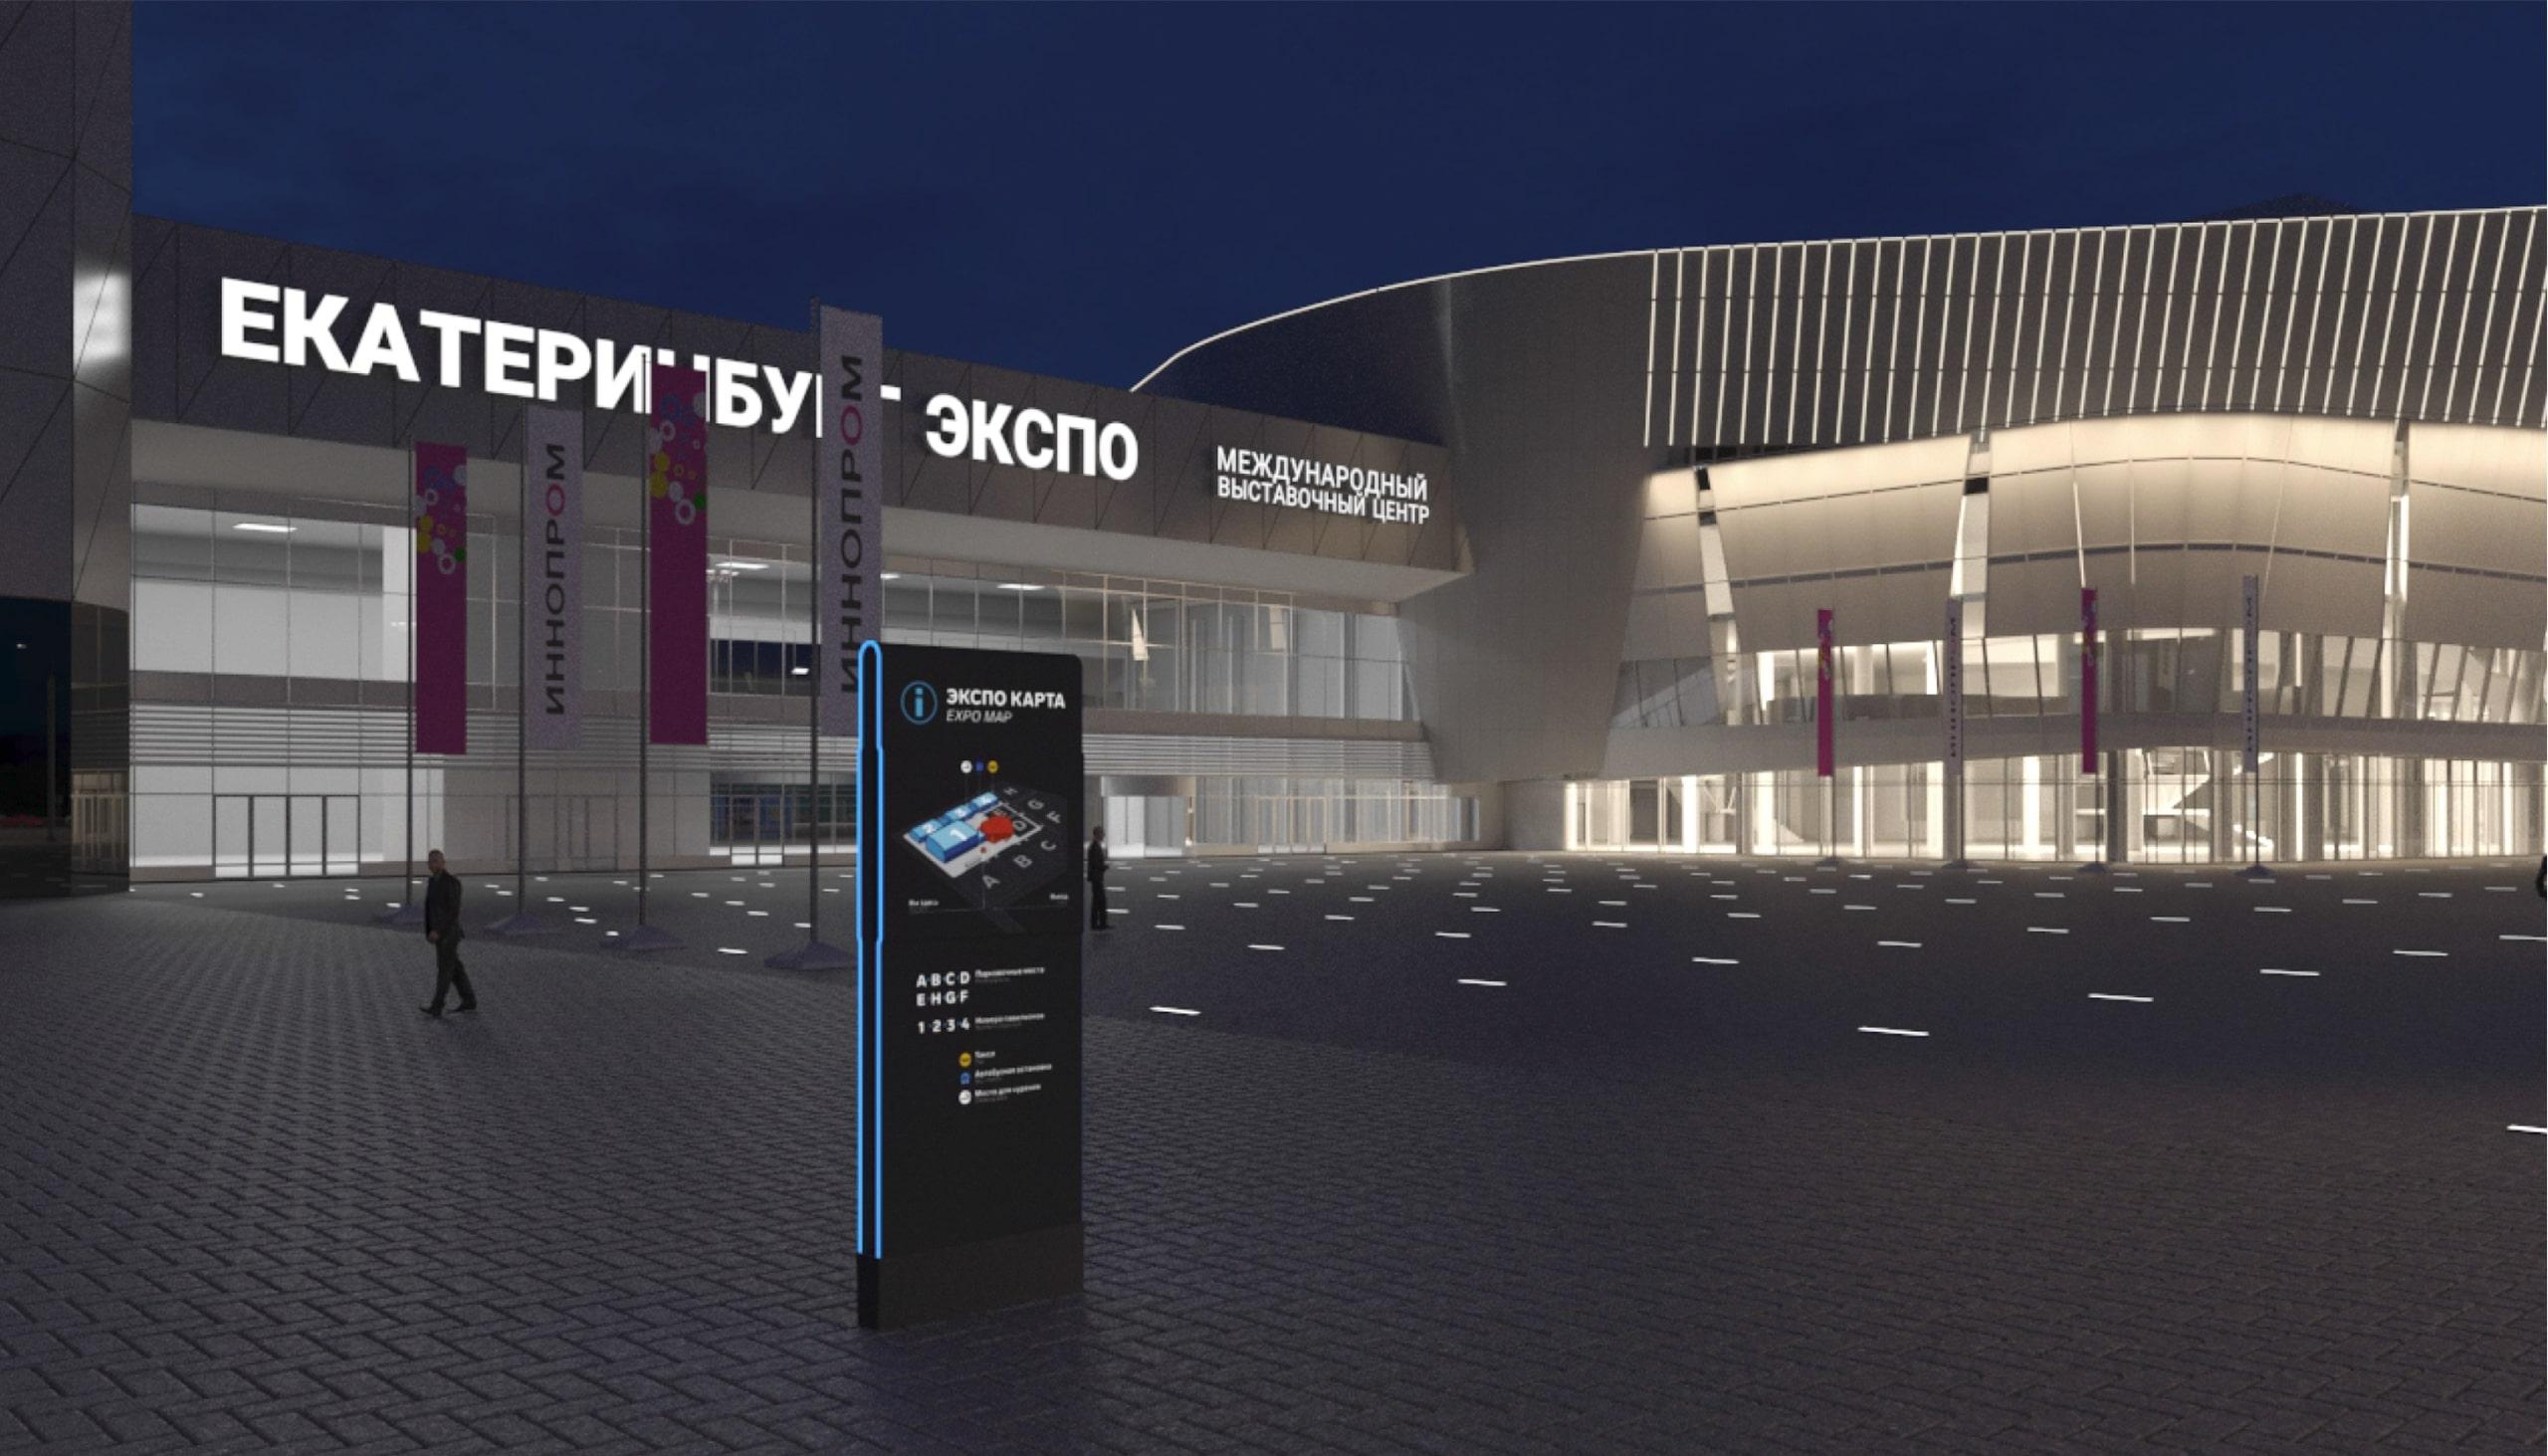 Yekaterinburg_Expo